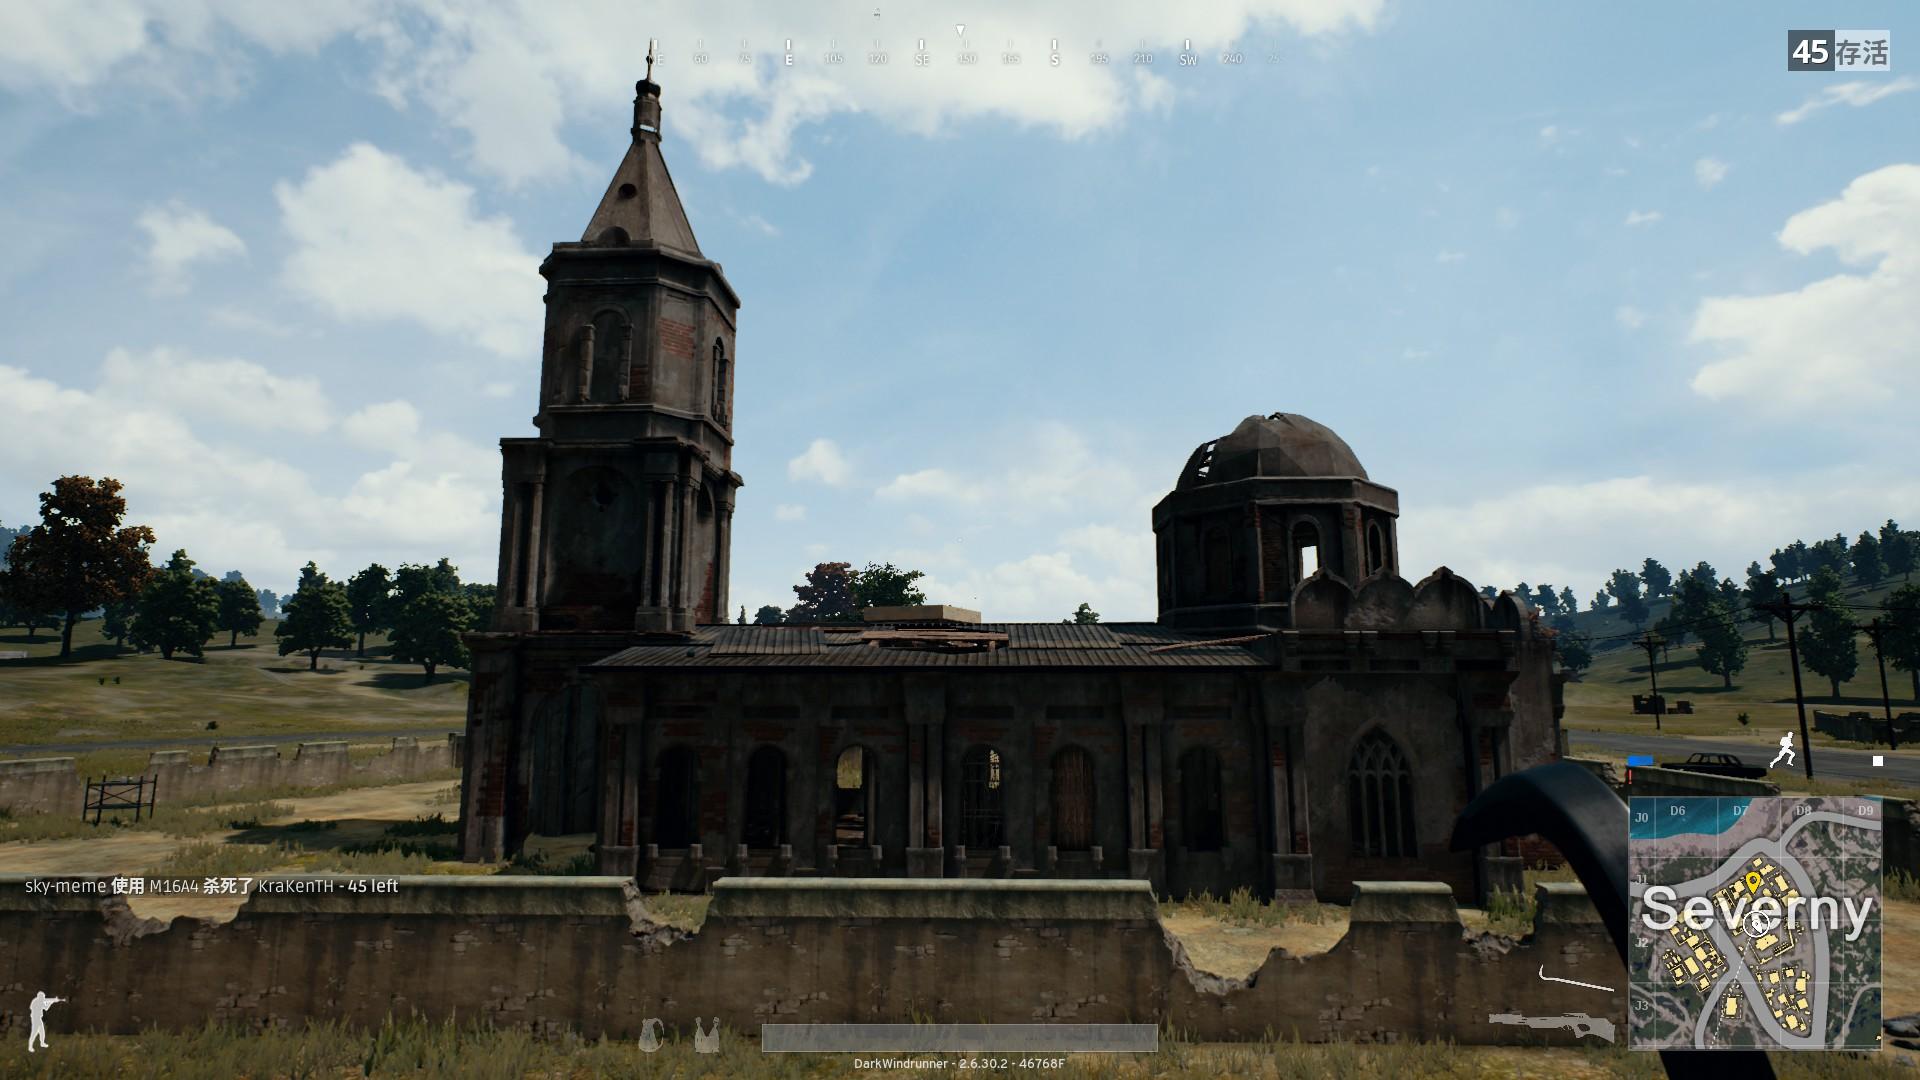 小镇中心的教堂